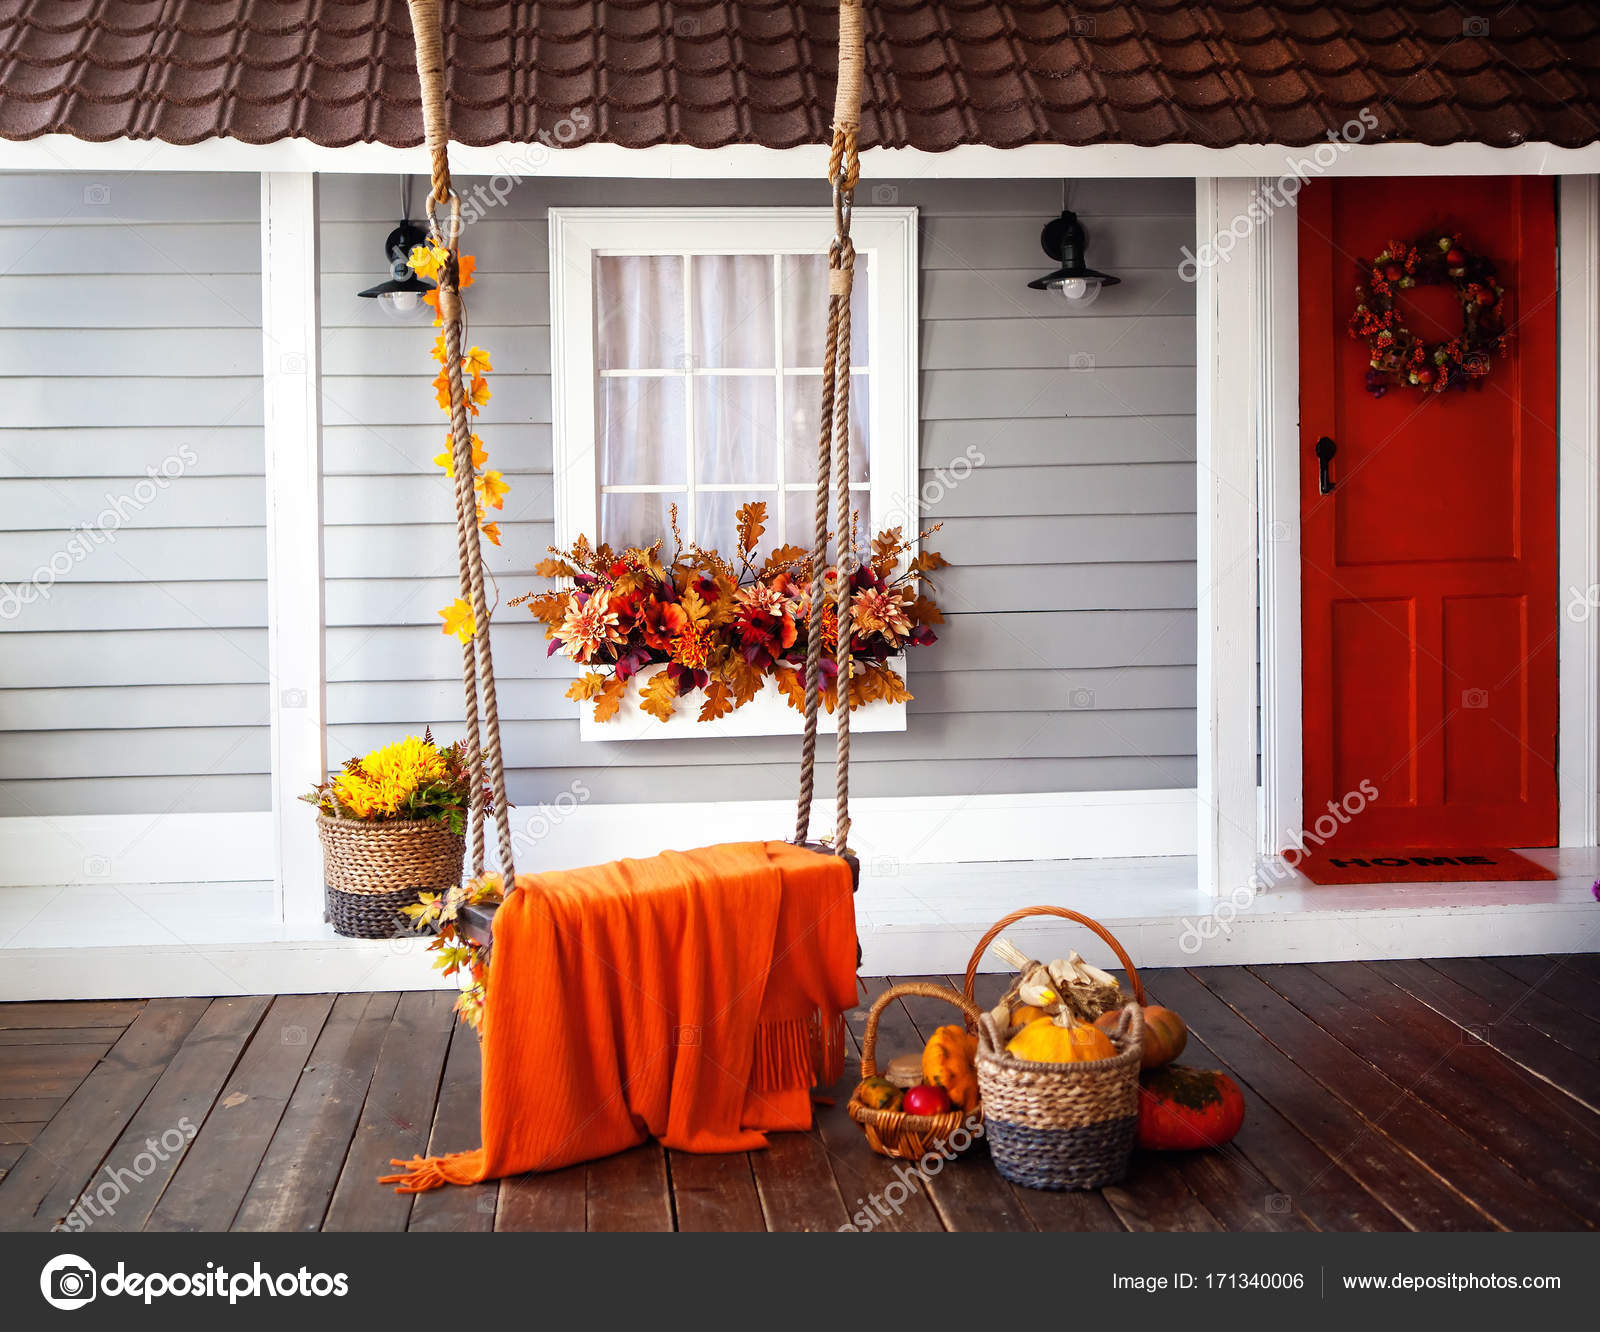 https://st3.depositphotos.com/5825392/17134/i/1600/depositphotos_171340006-stockafbeelding-interieur-van-een-herfst-patio.jpg